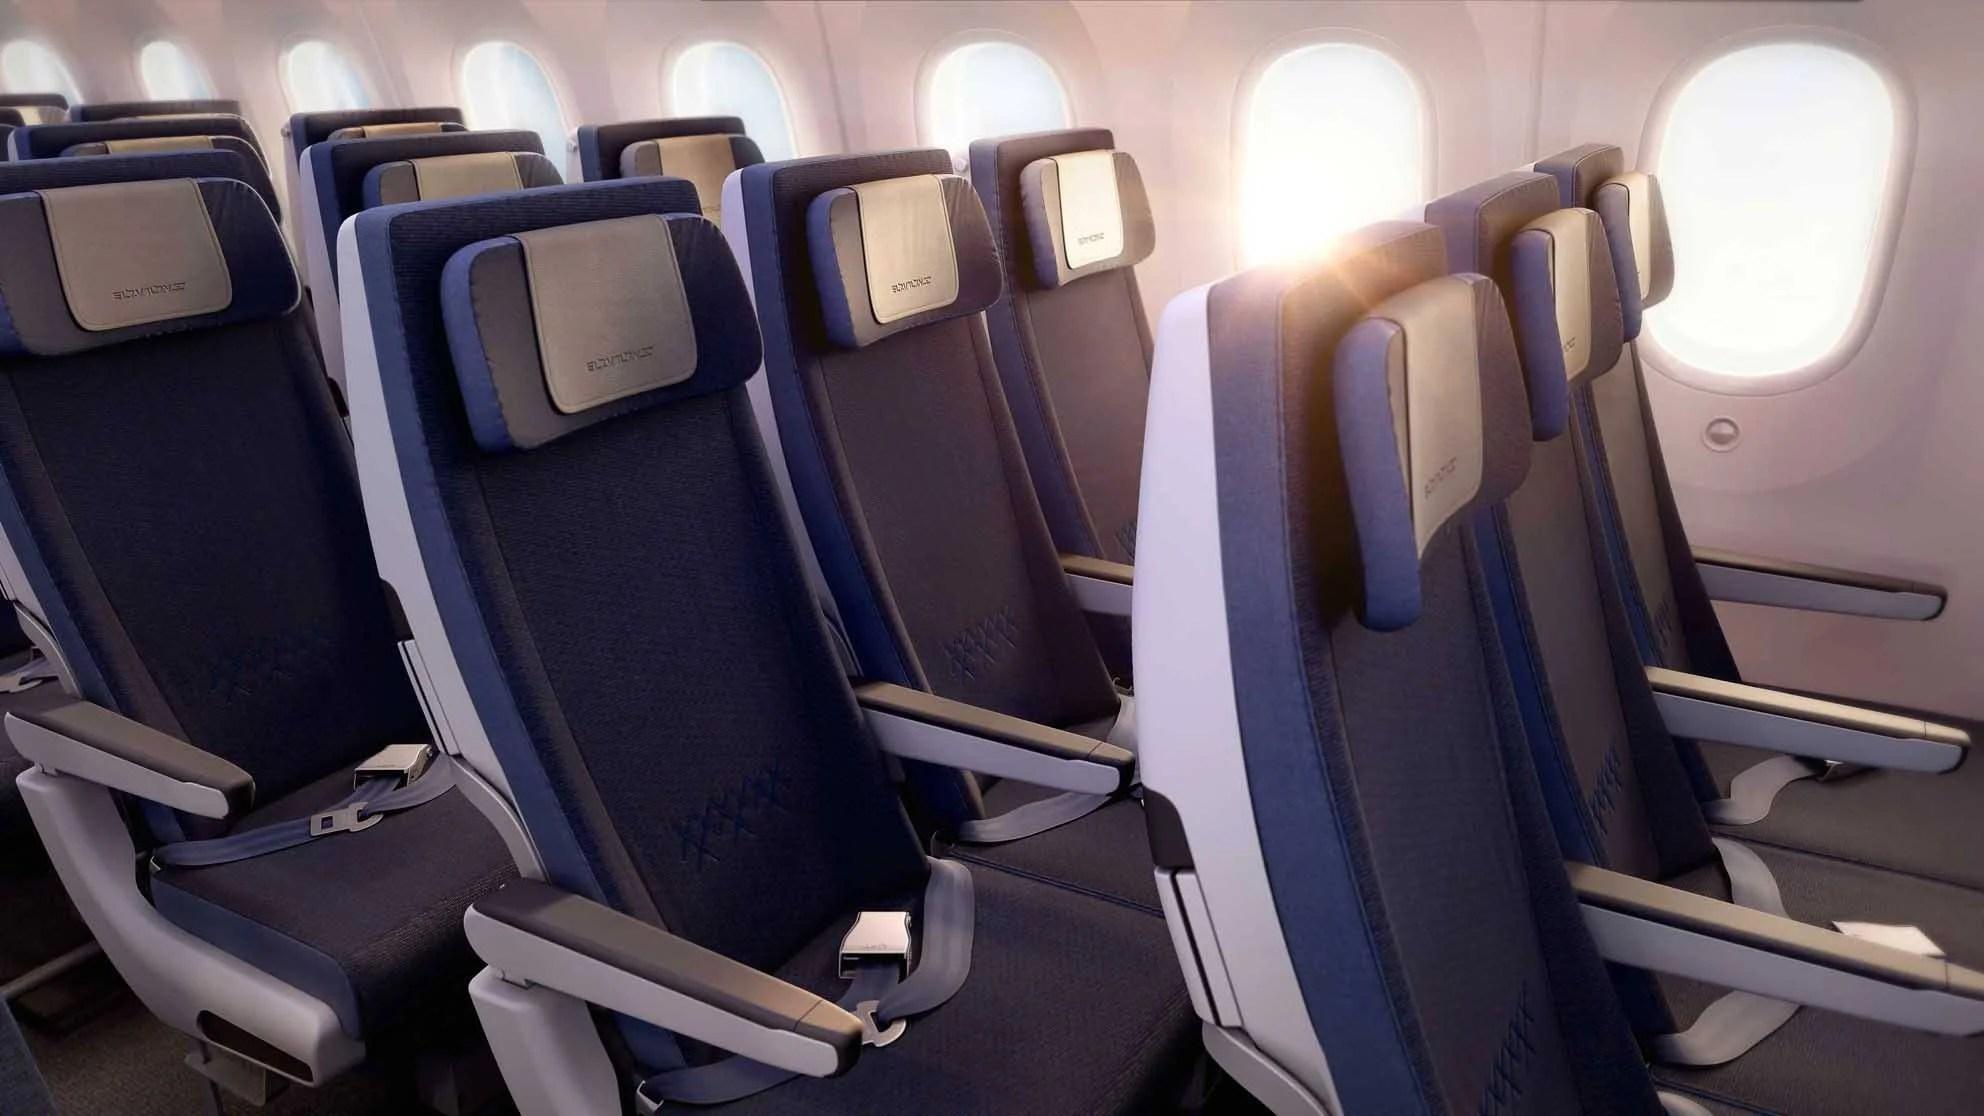 Boeing 787 interior coach viewing gallery - El Al 787 Coach